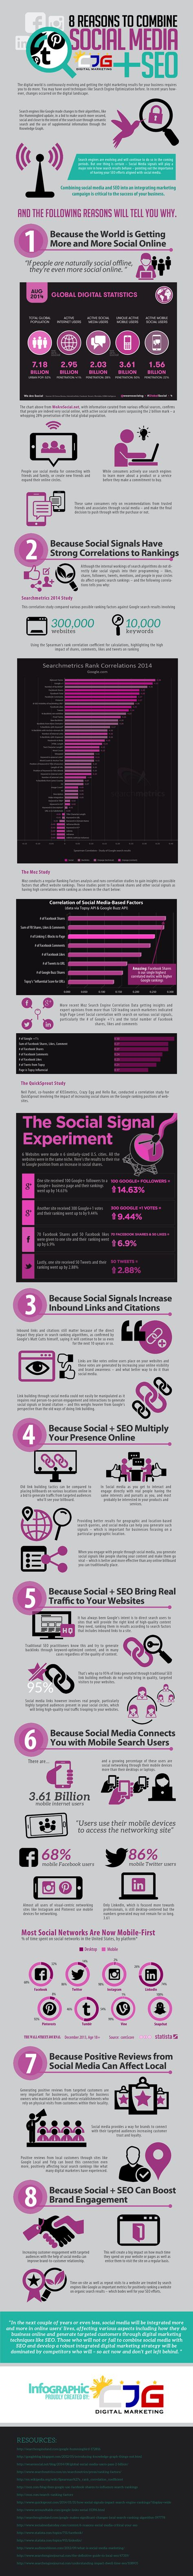 Hola: Una infografía con 8 razones para combinar Redes Sociales y SEO. Un saludo Embedded from CJG Digital Marketing